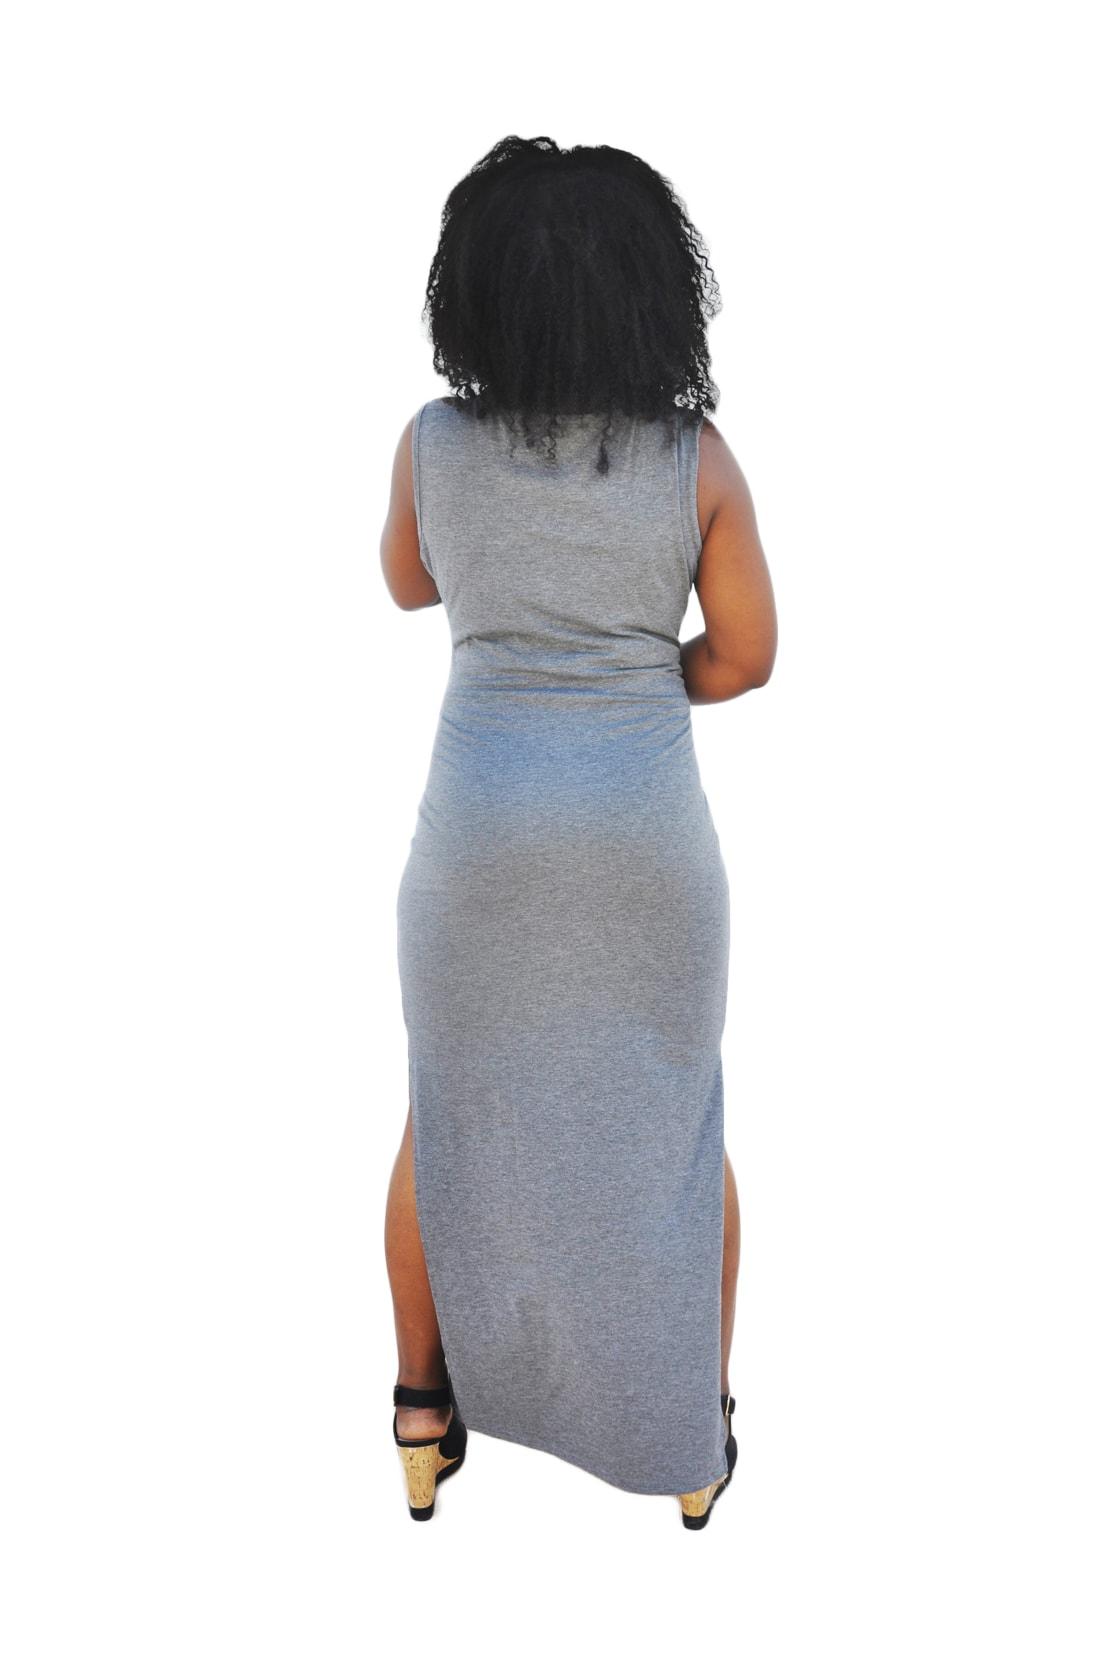 M0173 gray3 Sleeveless Dresses maureens.com boutique